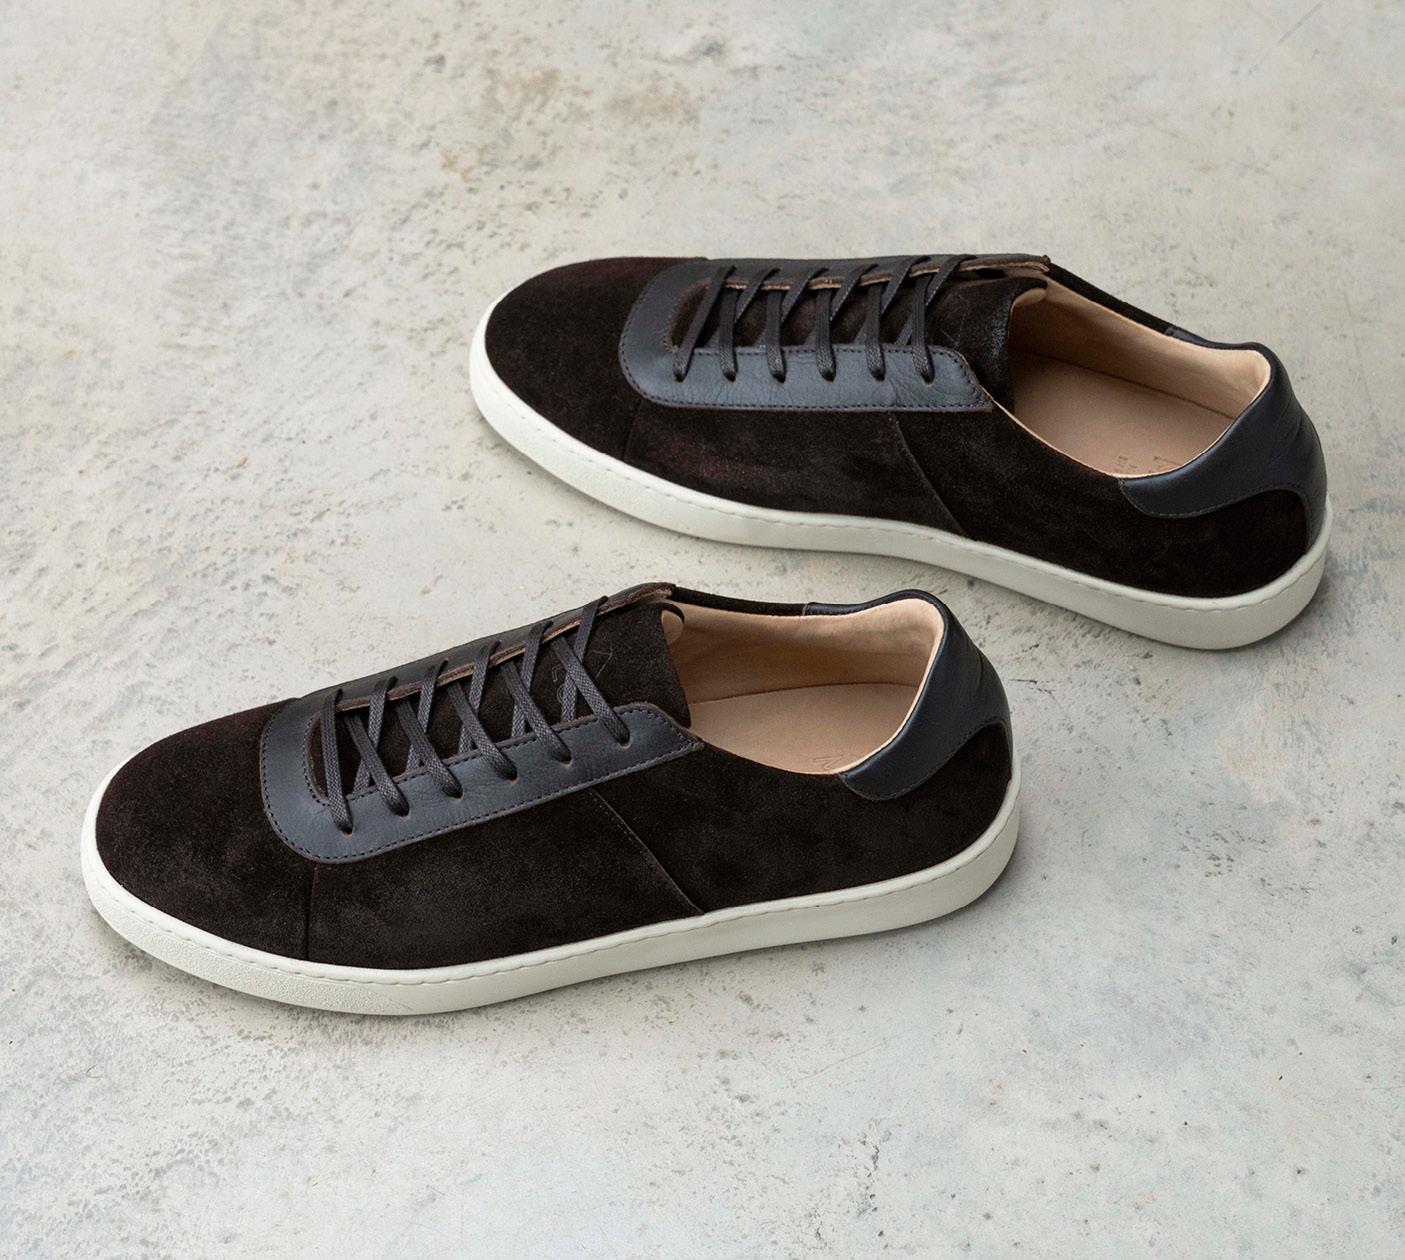 Mens Sneakers - Waxed Suede Brown Sneakers